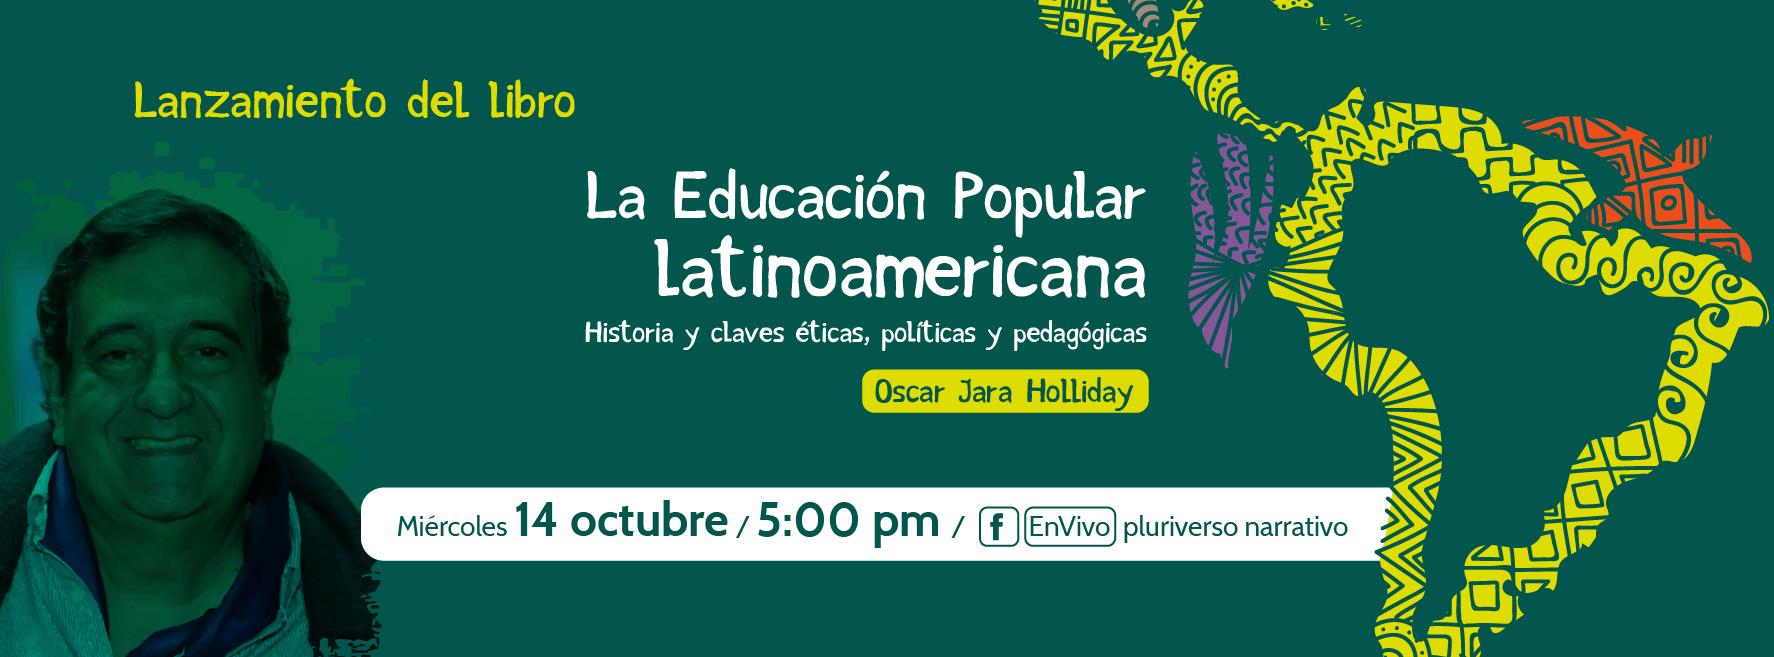 Lanzamiento-Libro-OJara-banner